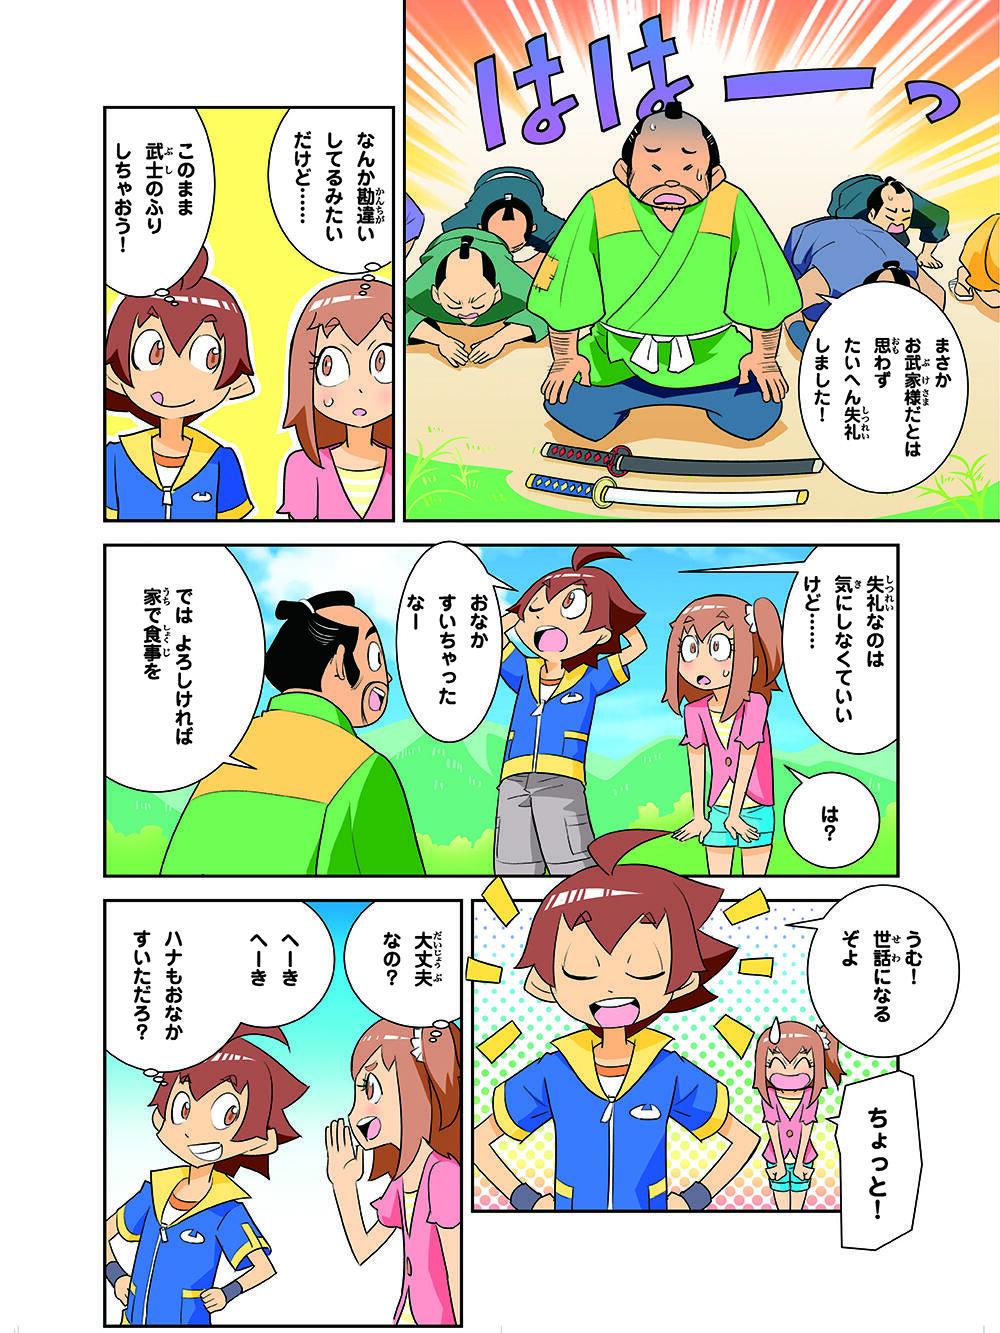 豎滓虻譎ゆサ」_001_繝倥z繝シ繧キ繧兩112.jpg